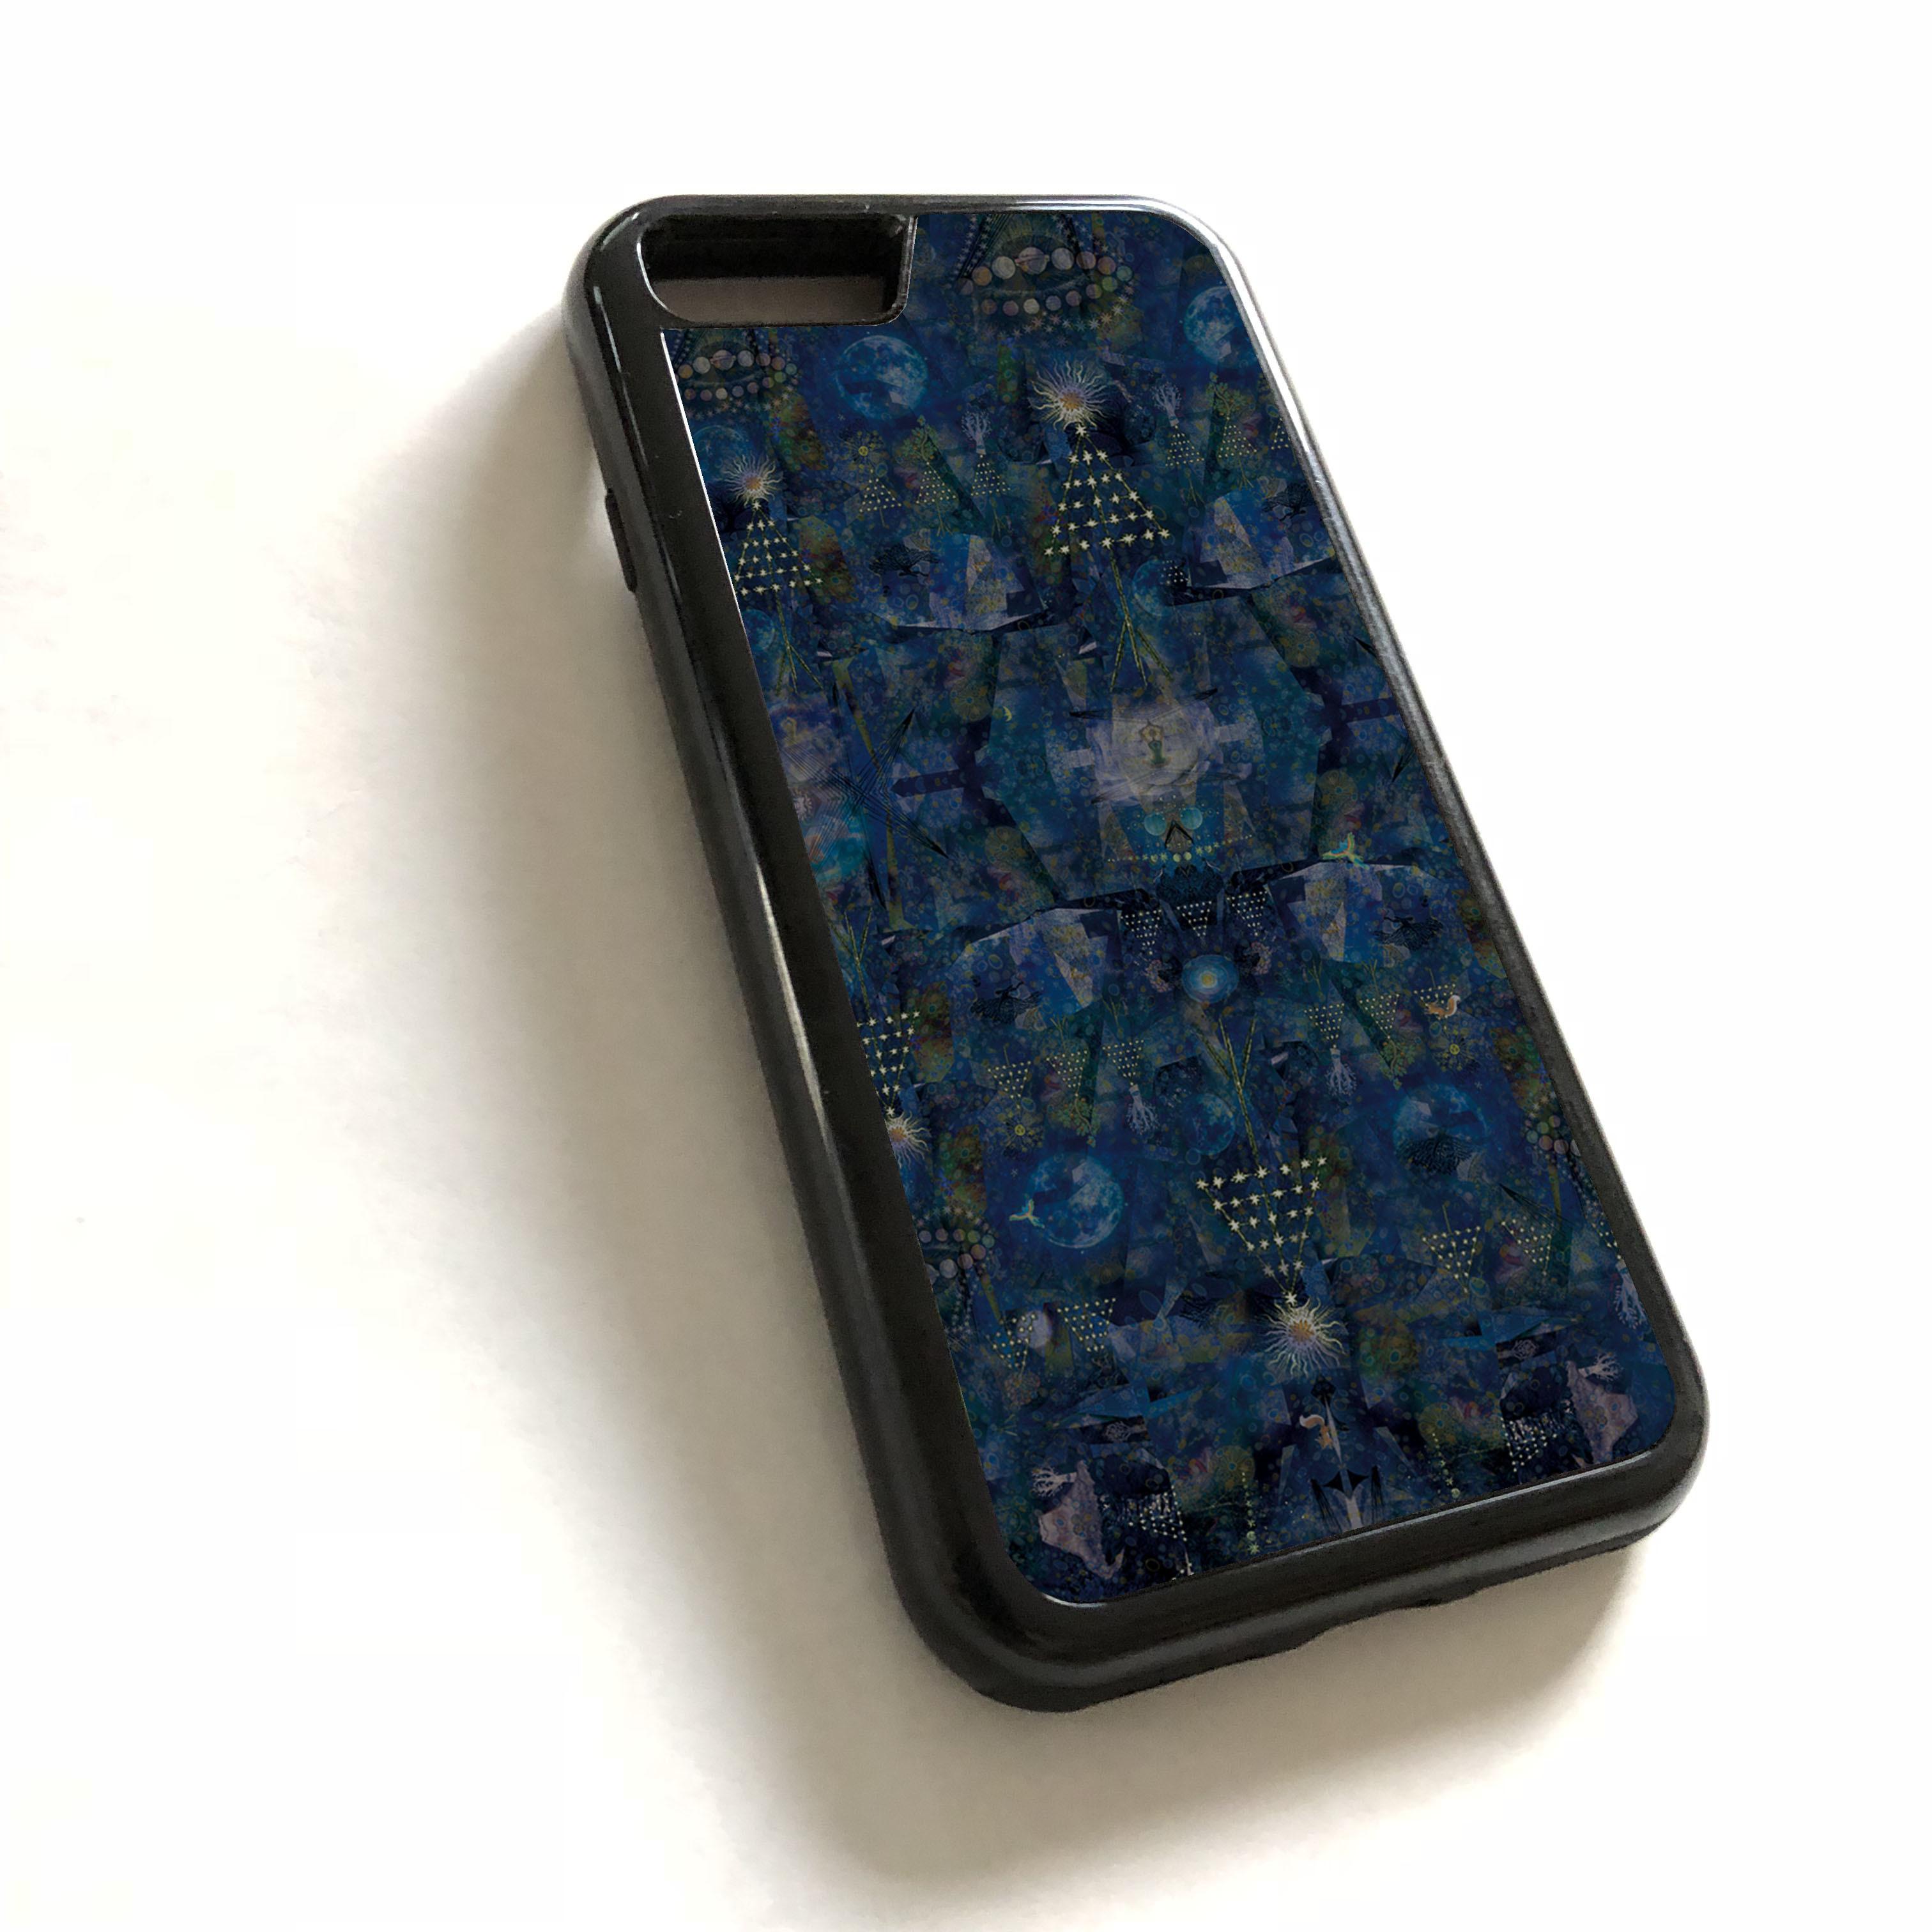 『shinra』 ハイブリットiPhoneケース  「完全オーダー商品」